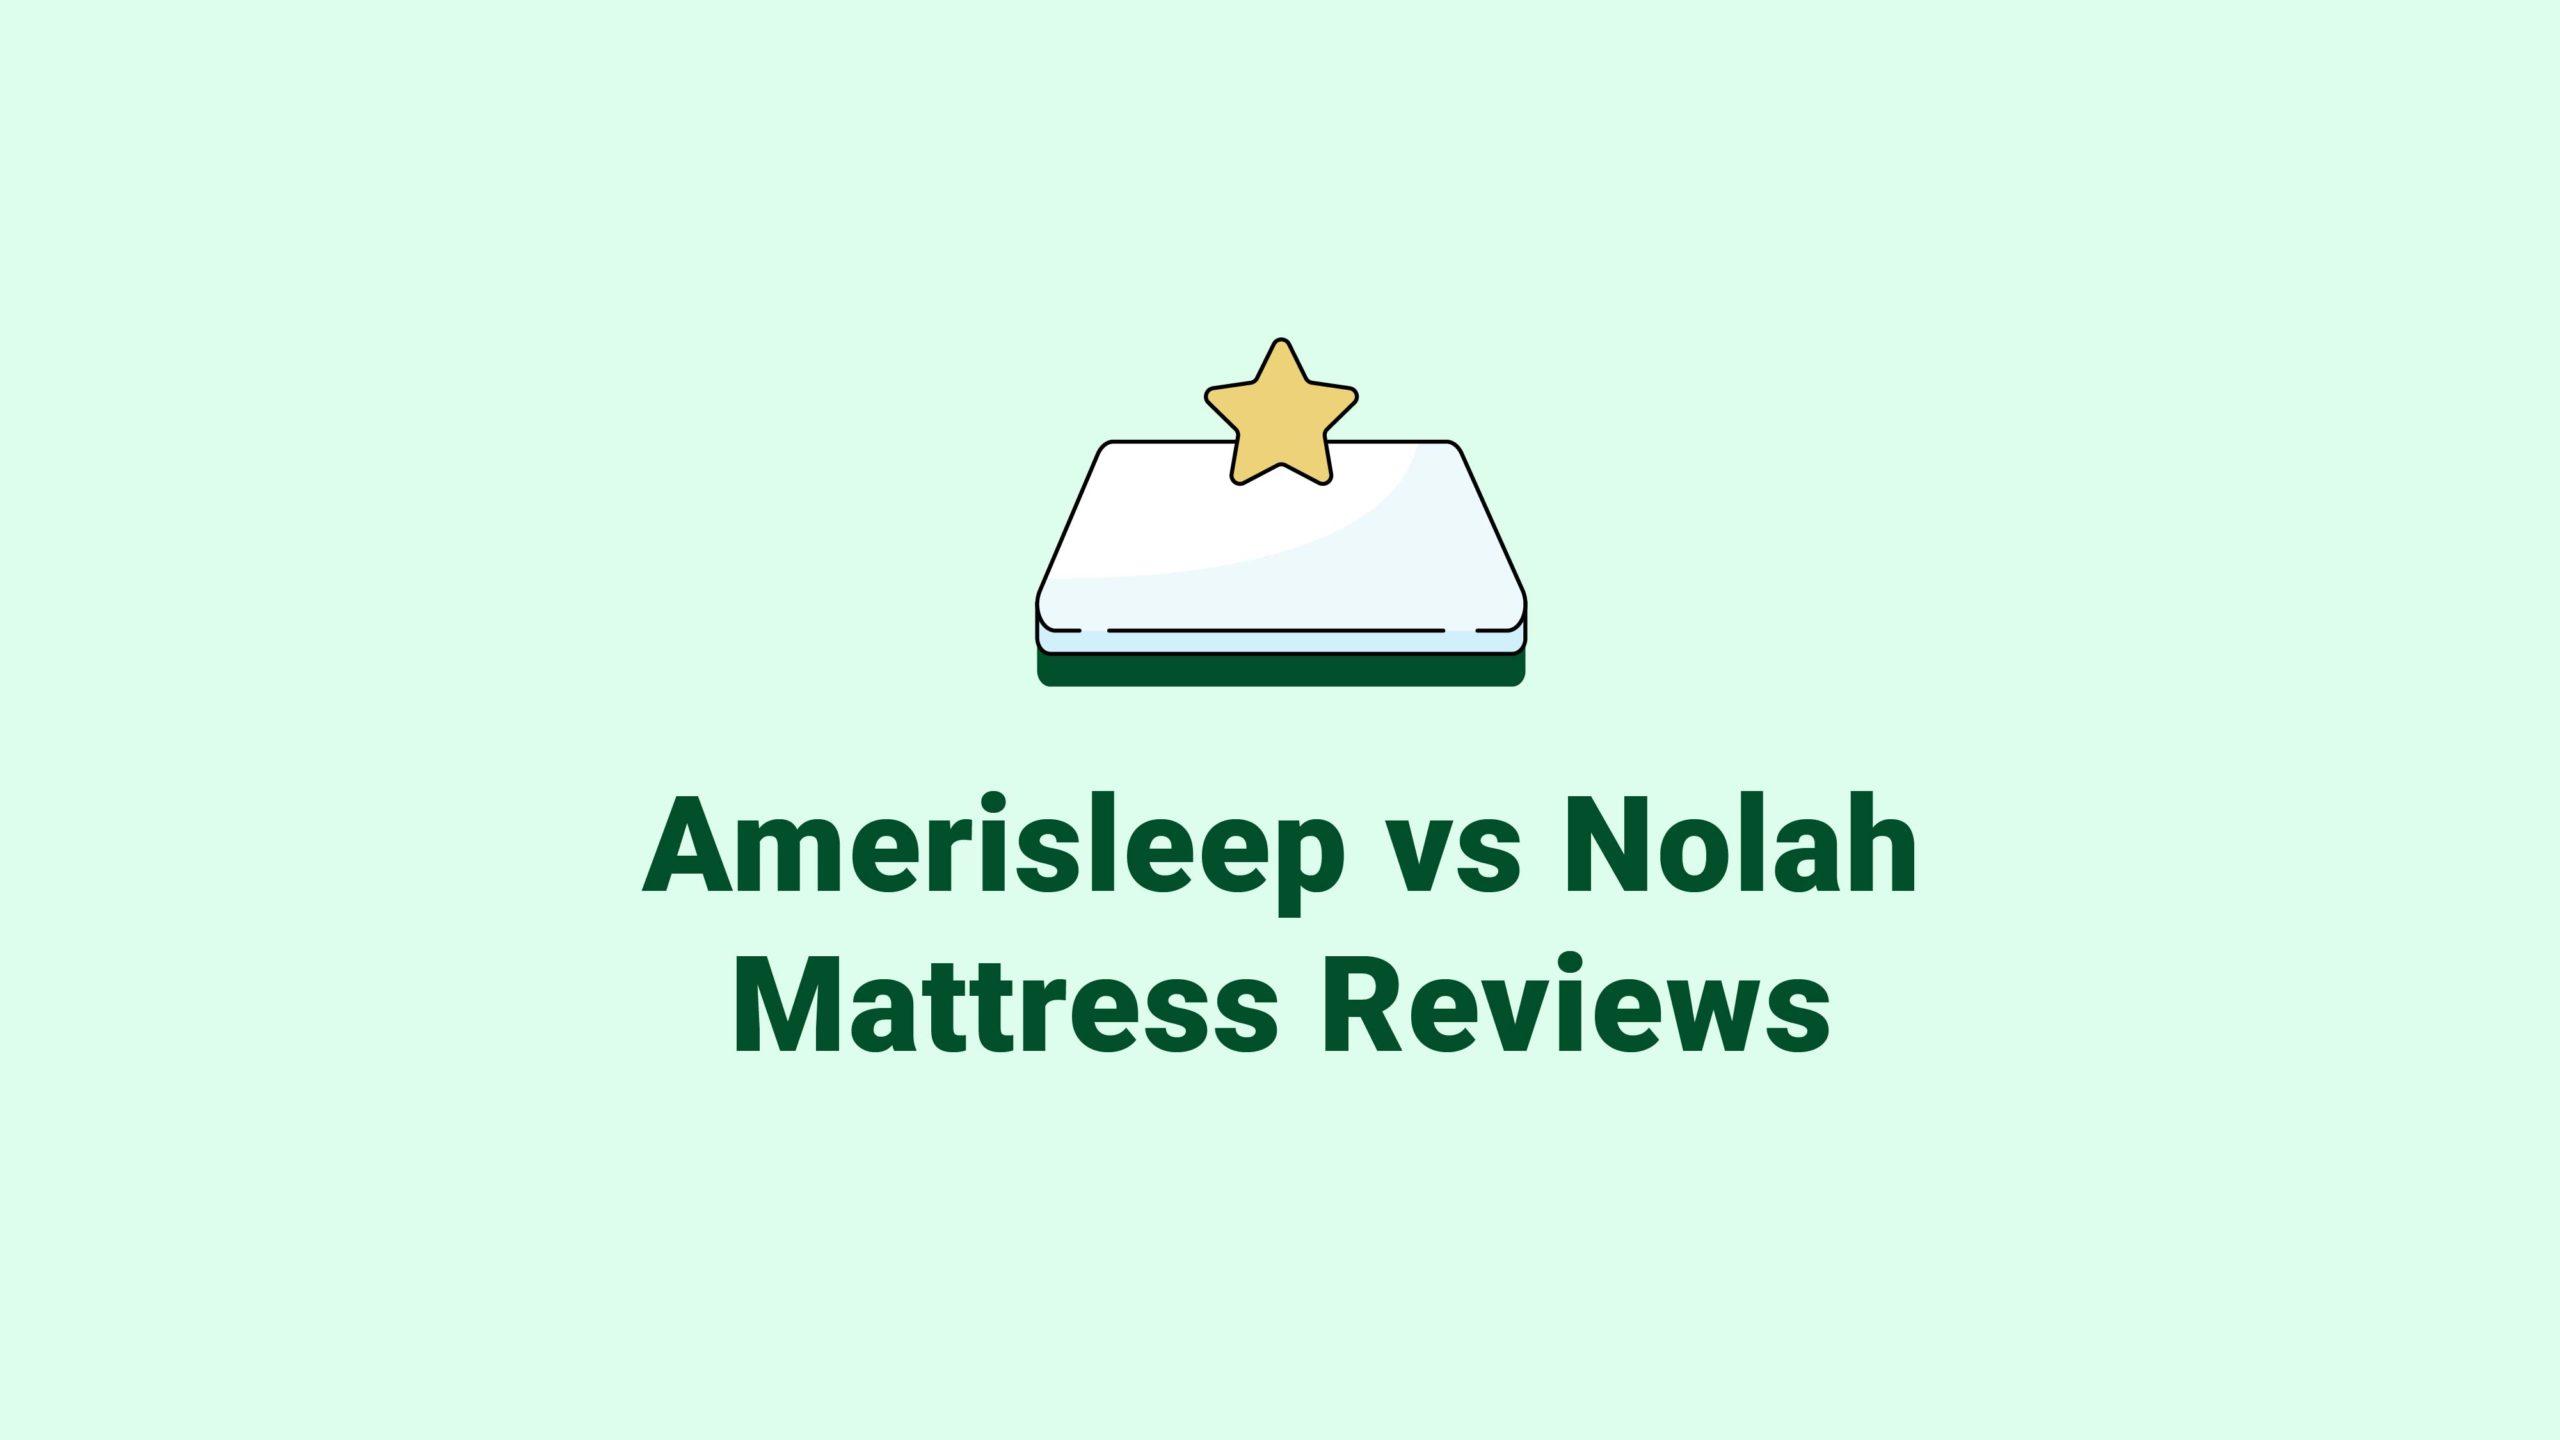 Amerisleep vs. Nolah Mattress Reviews